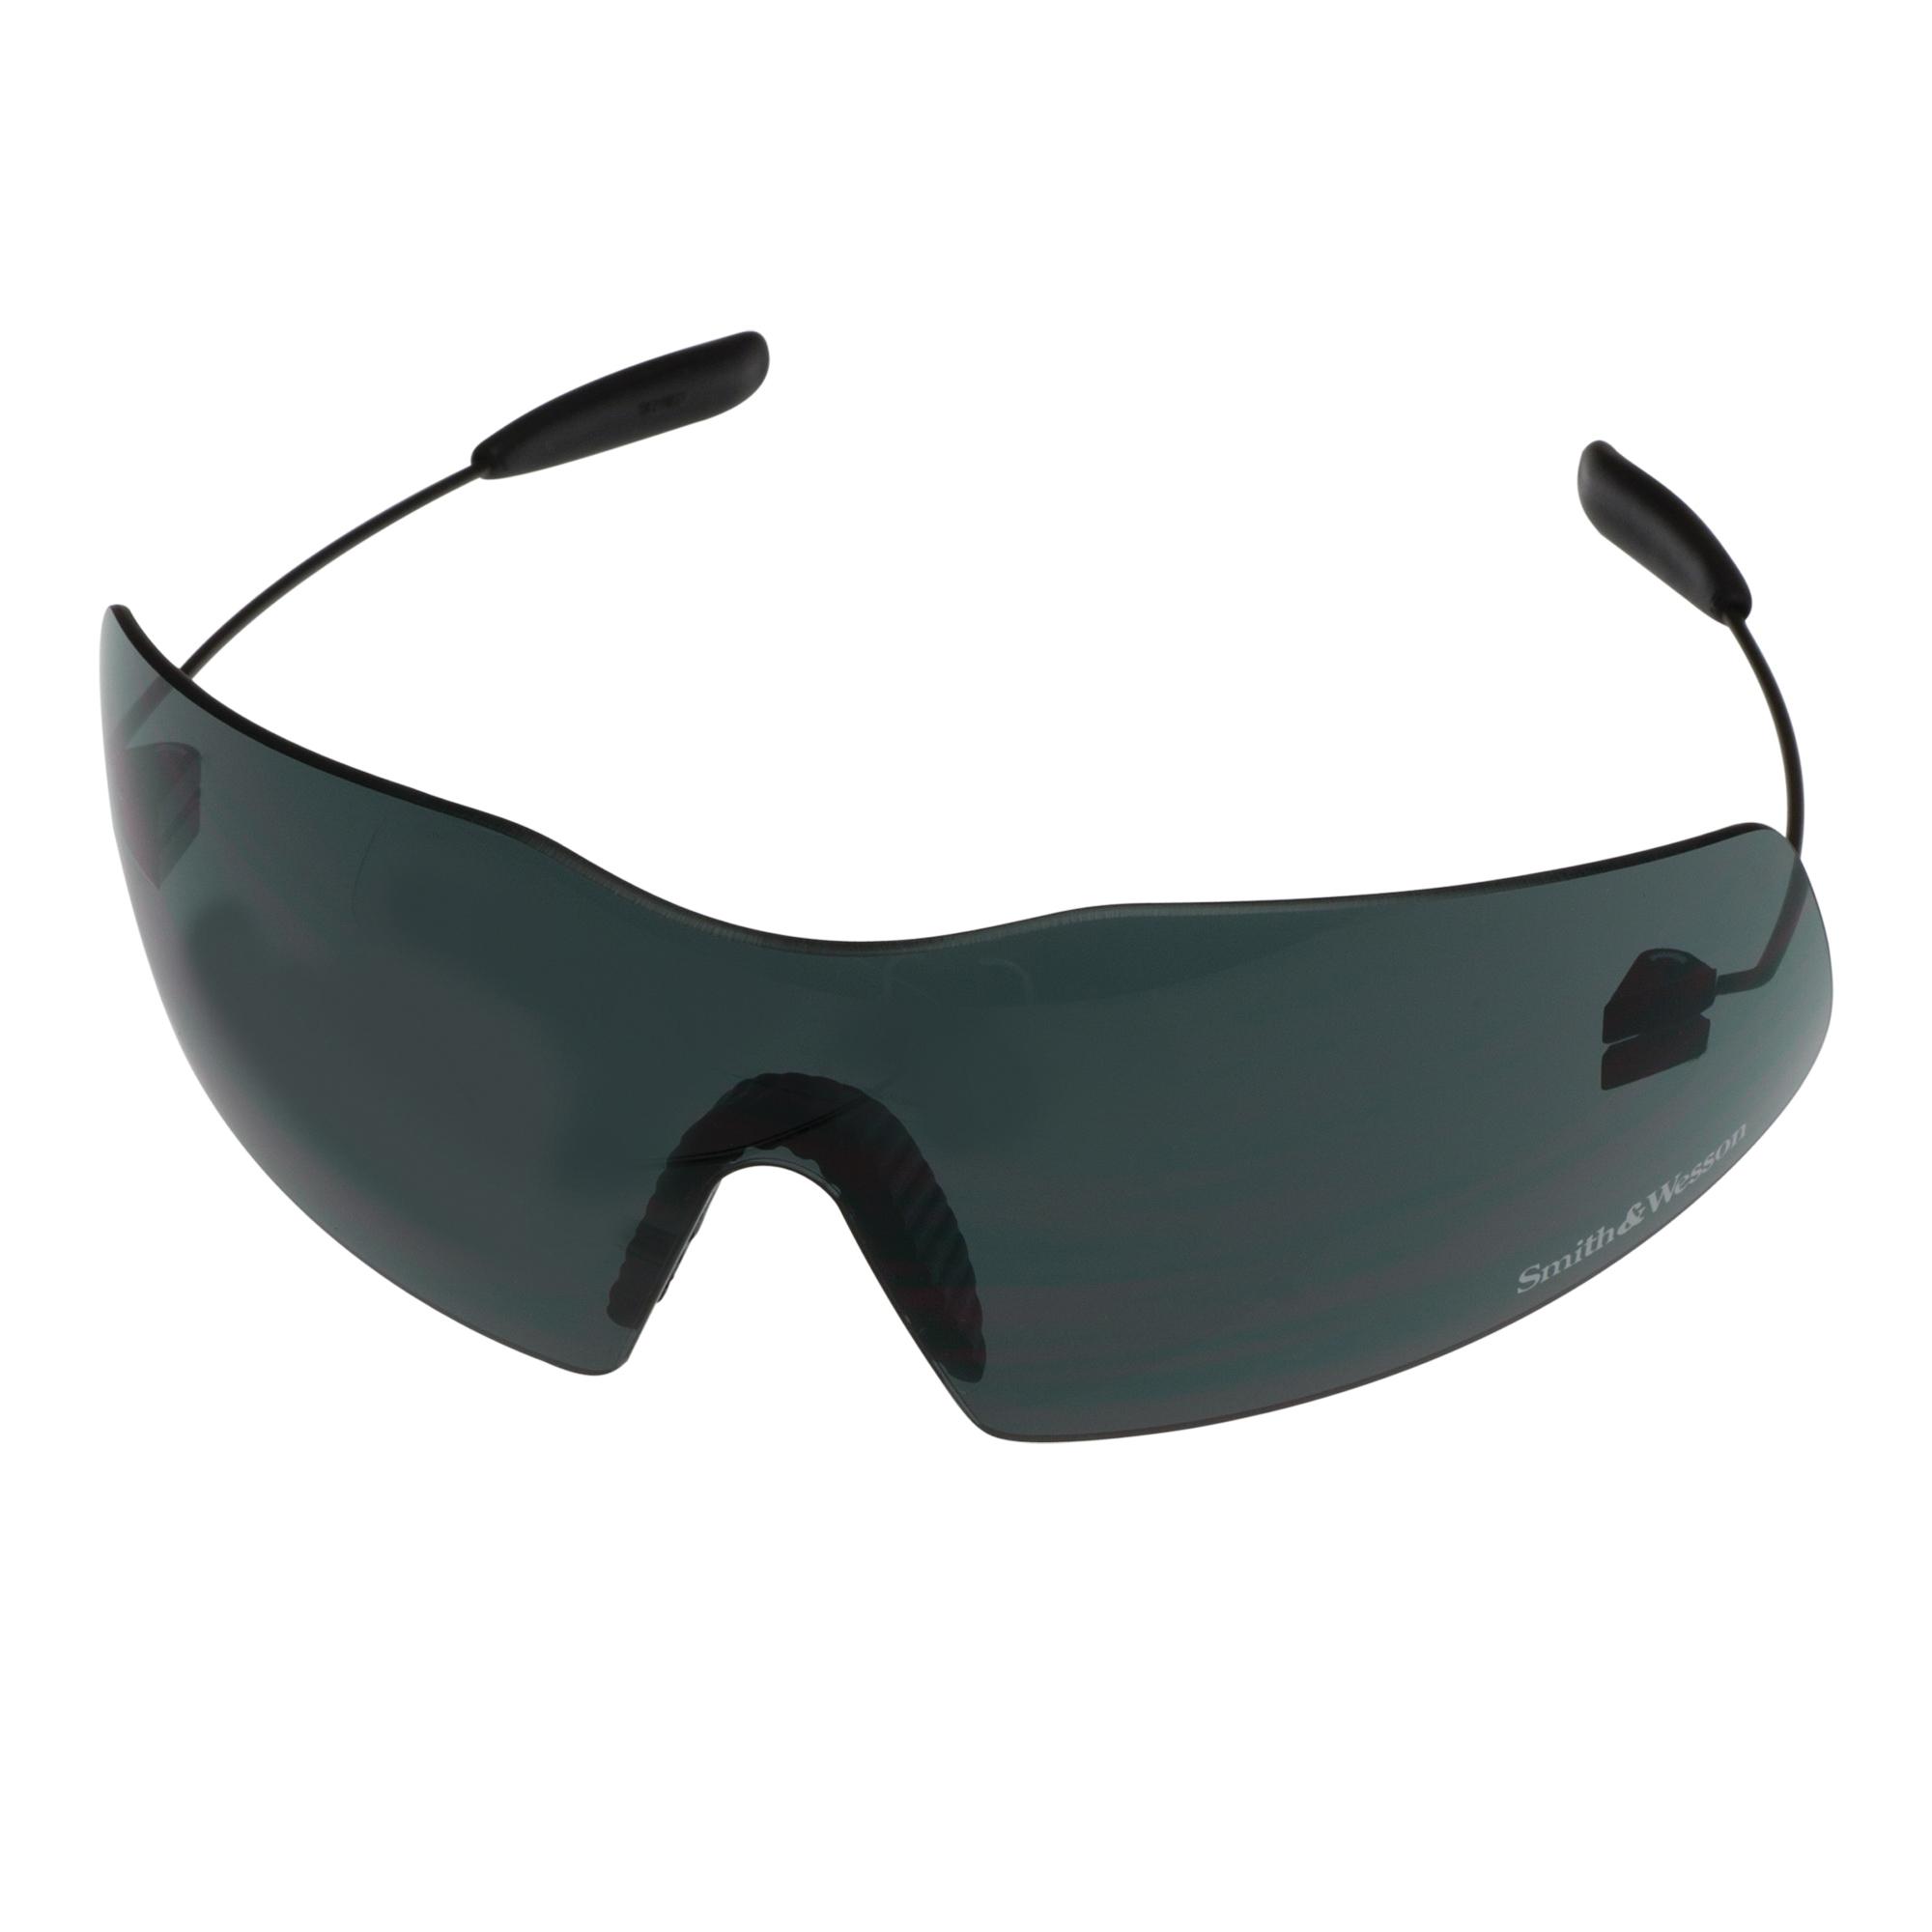 Smith & Wesson® 19838 Phantom Safety Glasses, Anti-Fog, Clear Lens, Frameless Frame, Pewter, Nylon Frame, Polycarbonate Lens, ANSI Z87.1+2010